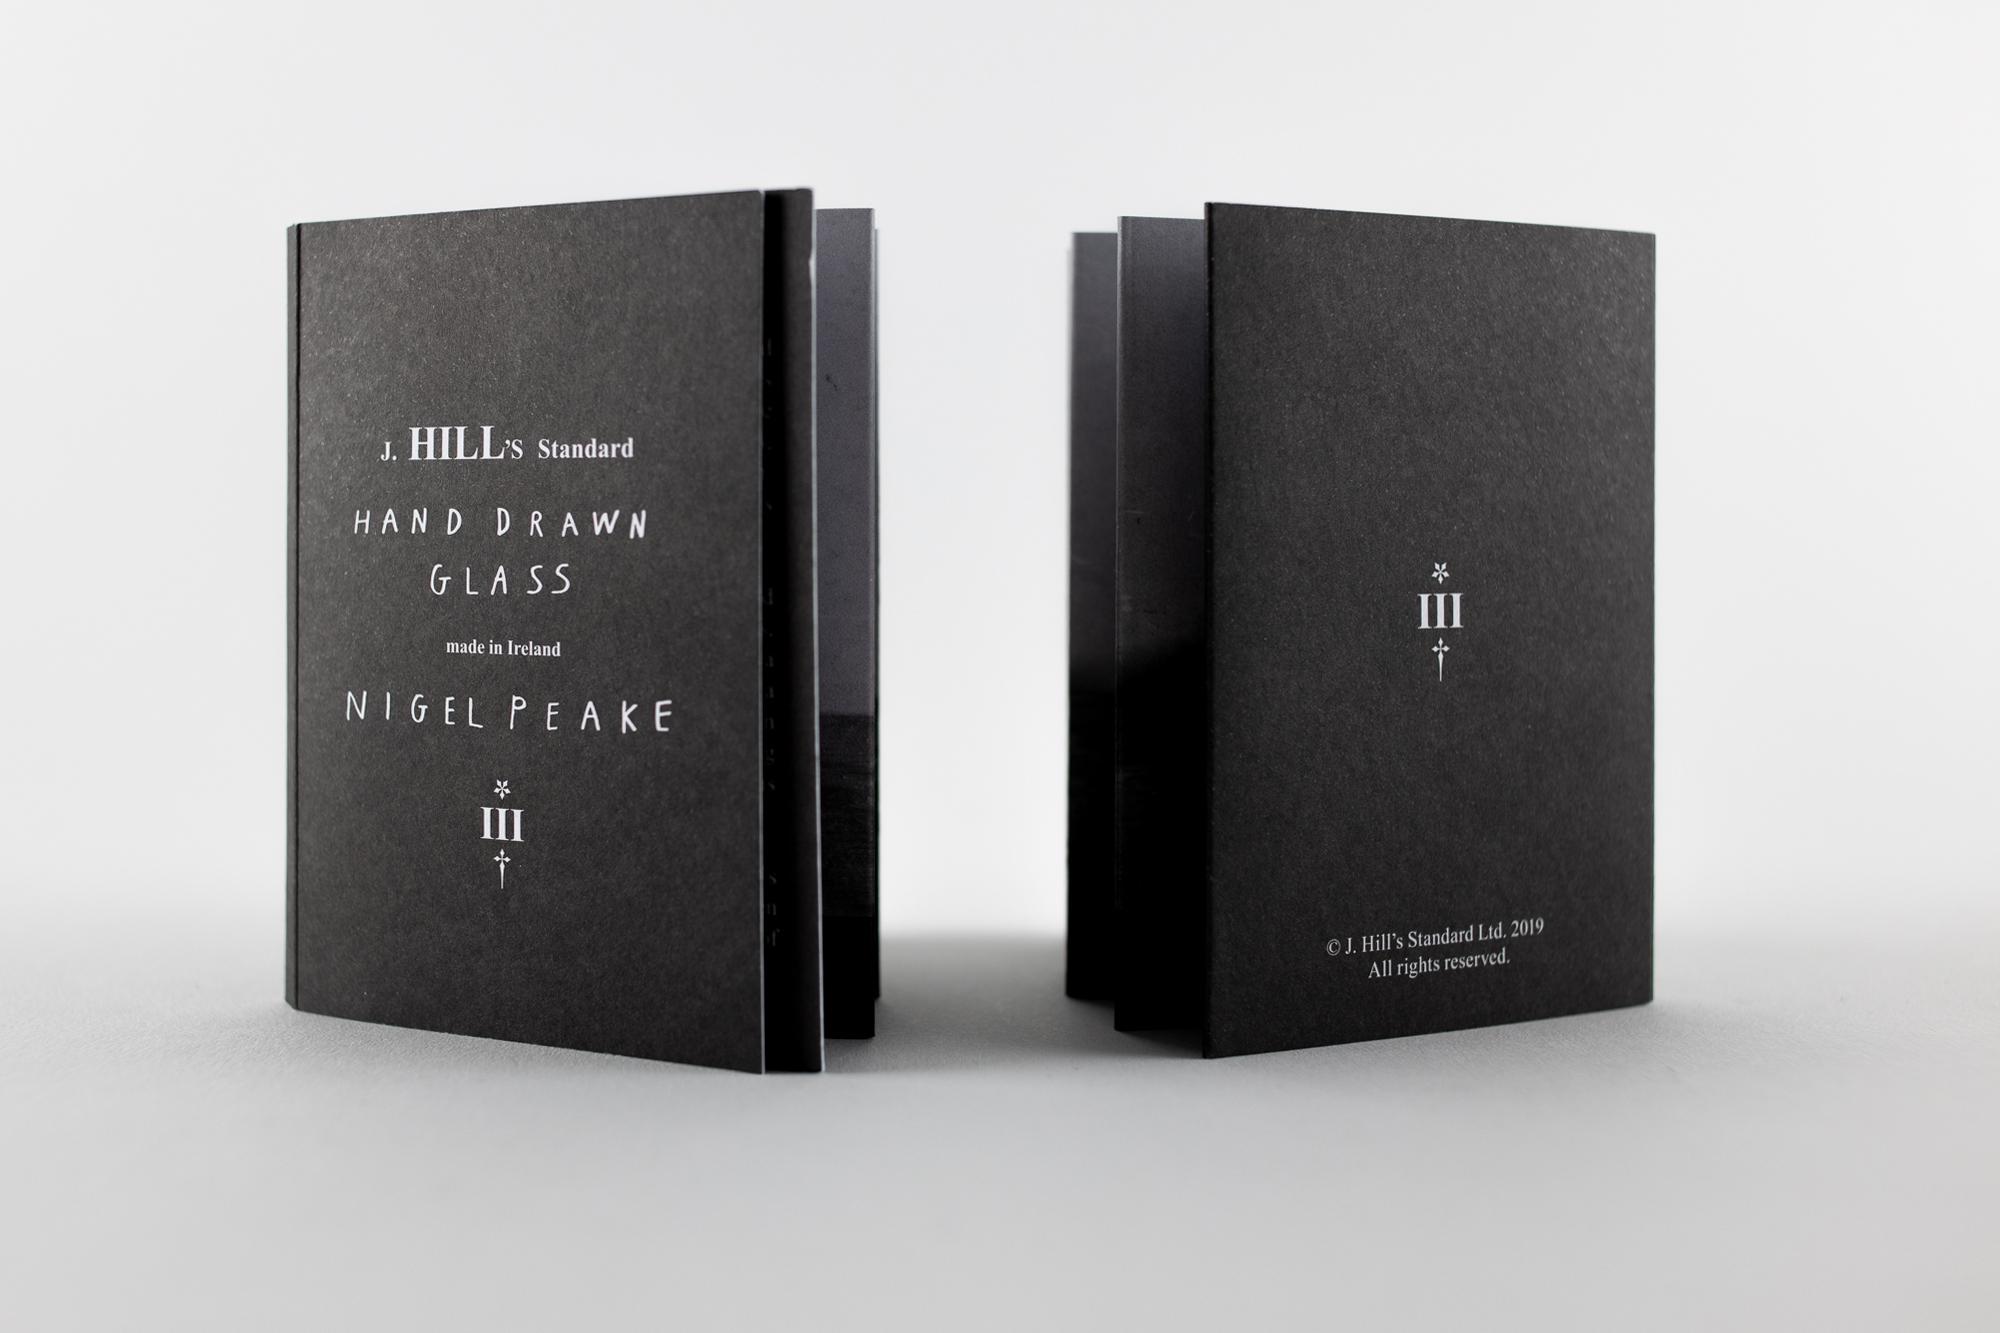 Cover image: J. HILL's Standard Leporello